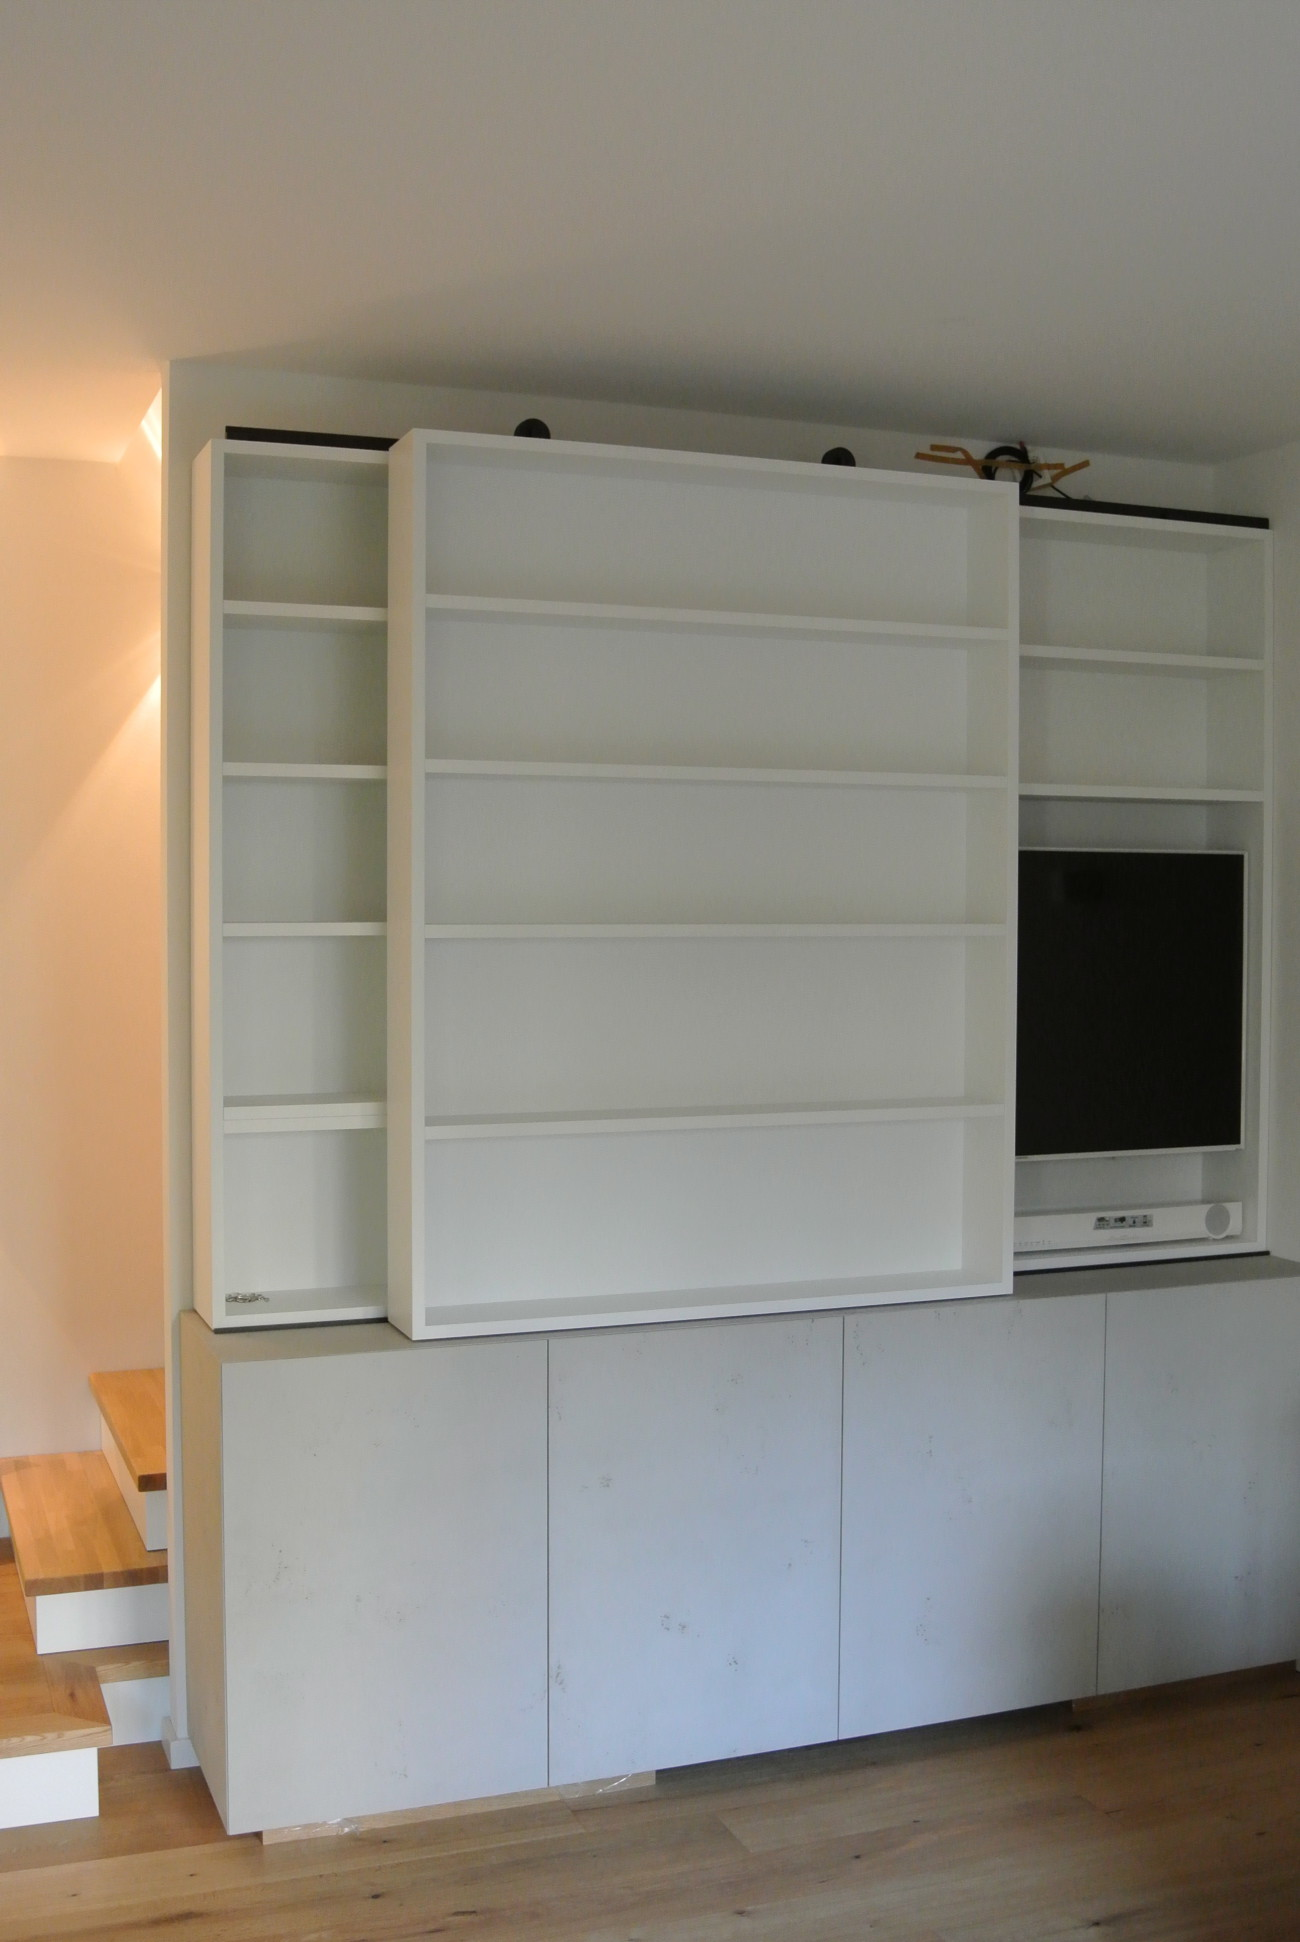 Fernsehschrank mit schiebetür  Individuelle Möbel | Tischlerei in Hamburg Altona